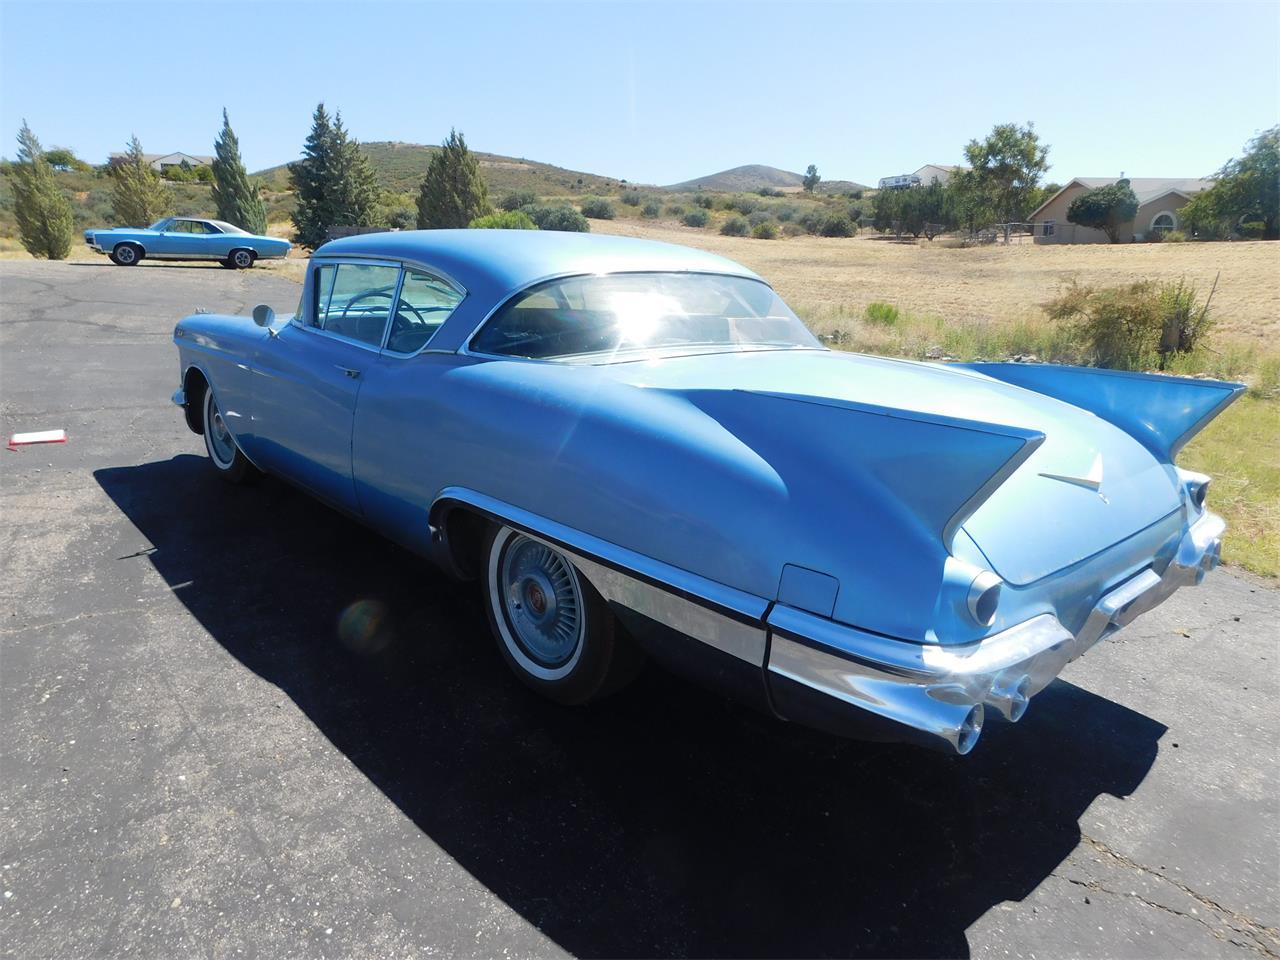 1957 Cadillac Eldorado (CC-1023332) for sale in Dewey, Arizona